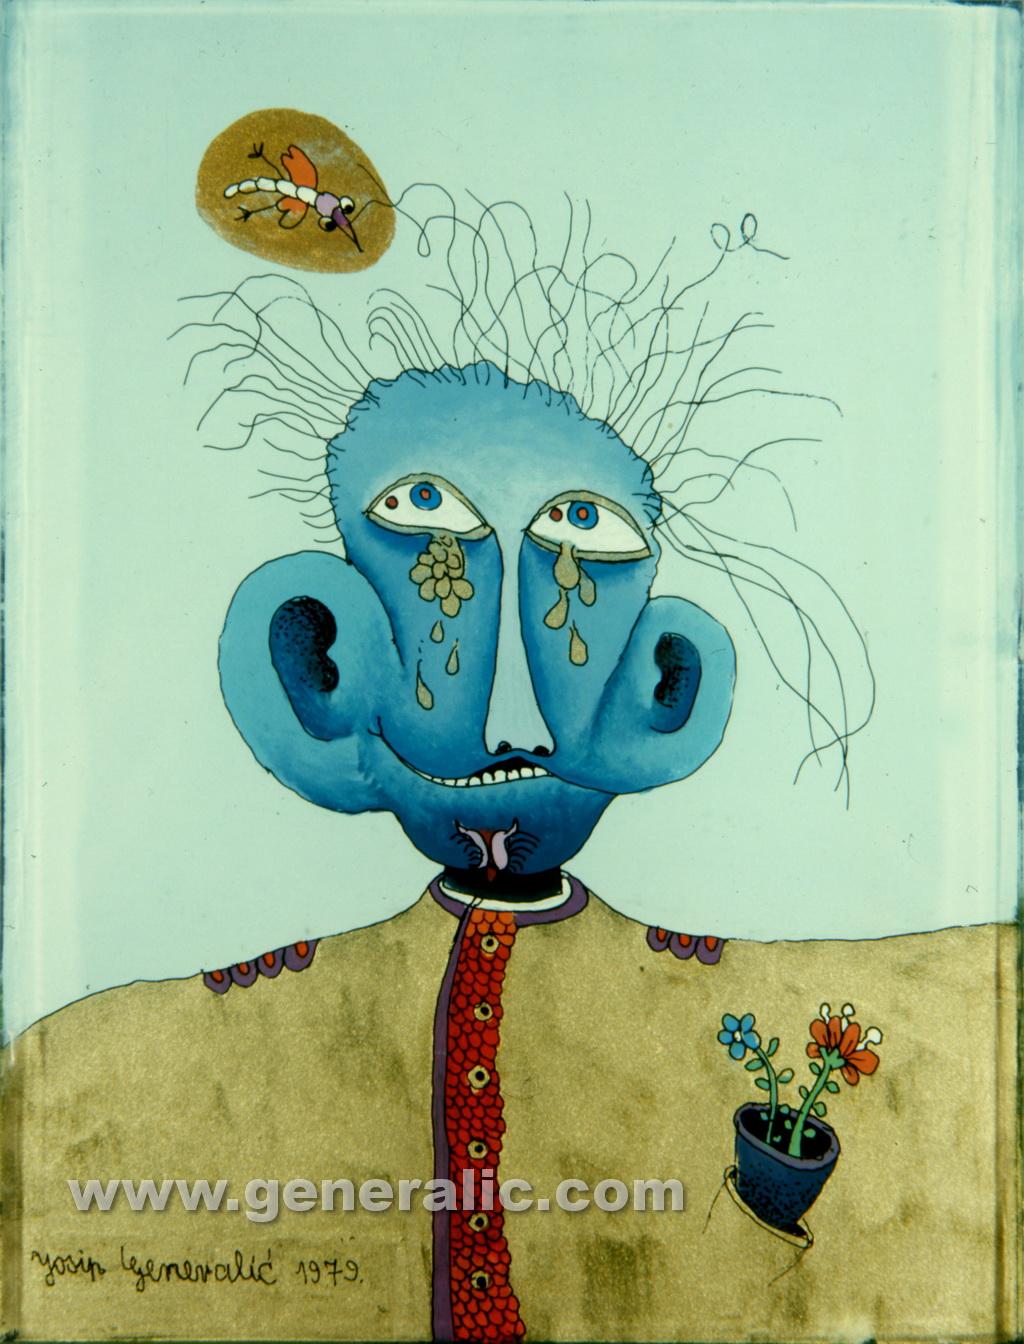 Josip Generalic, 1979, Blue head, oil on glass